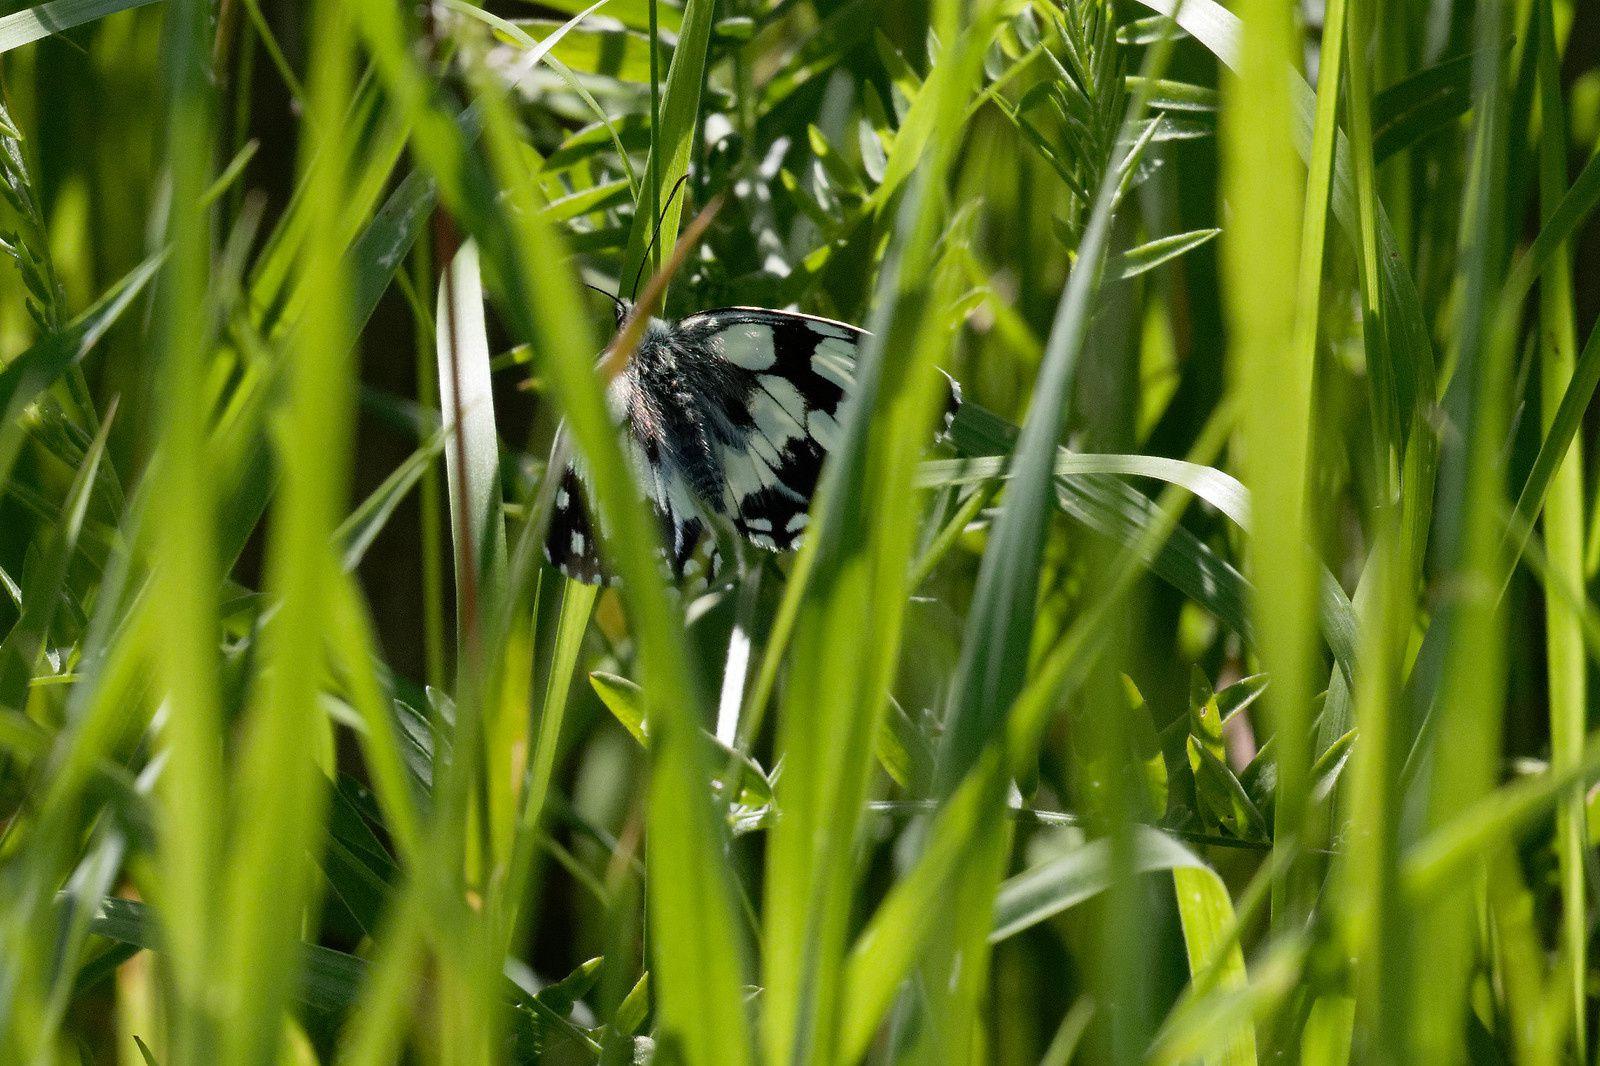 C'est le même Papillon photographié à deux endroits.